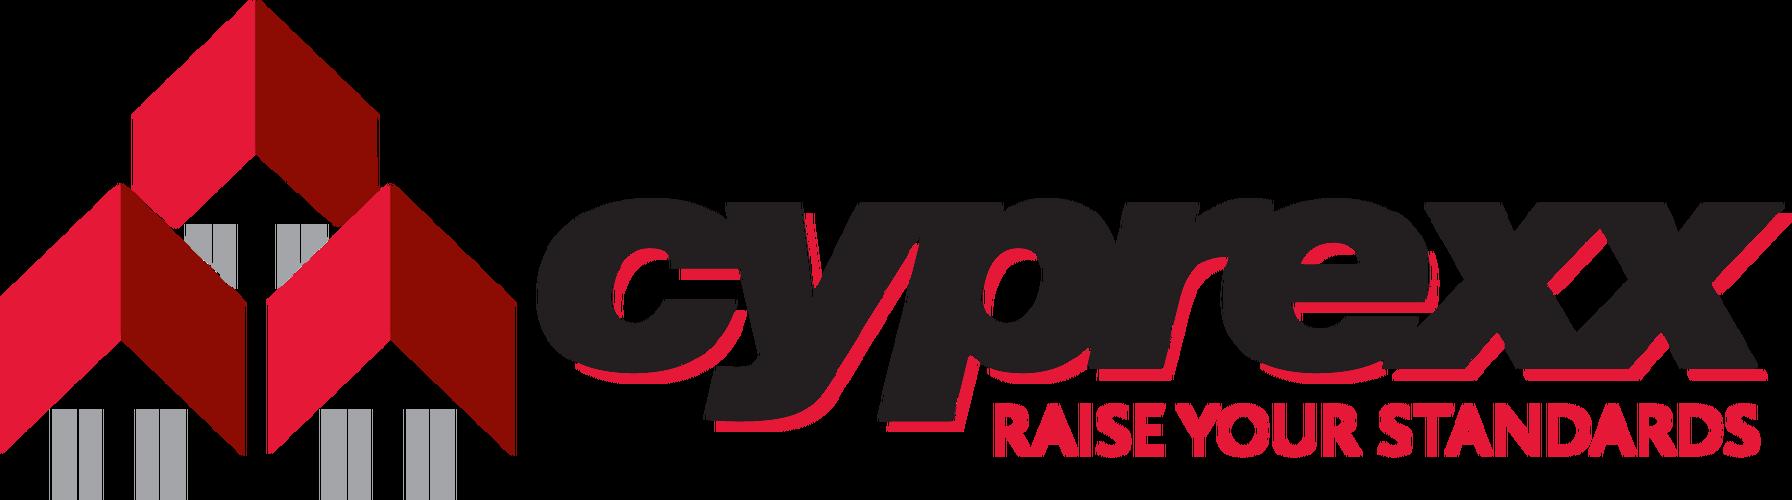 Cyprexx Services (Carousel)